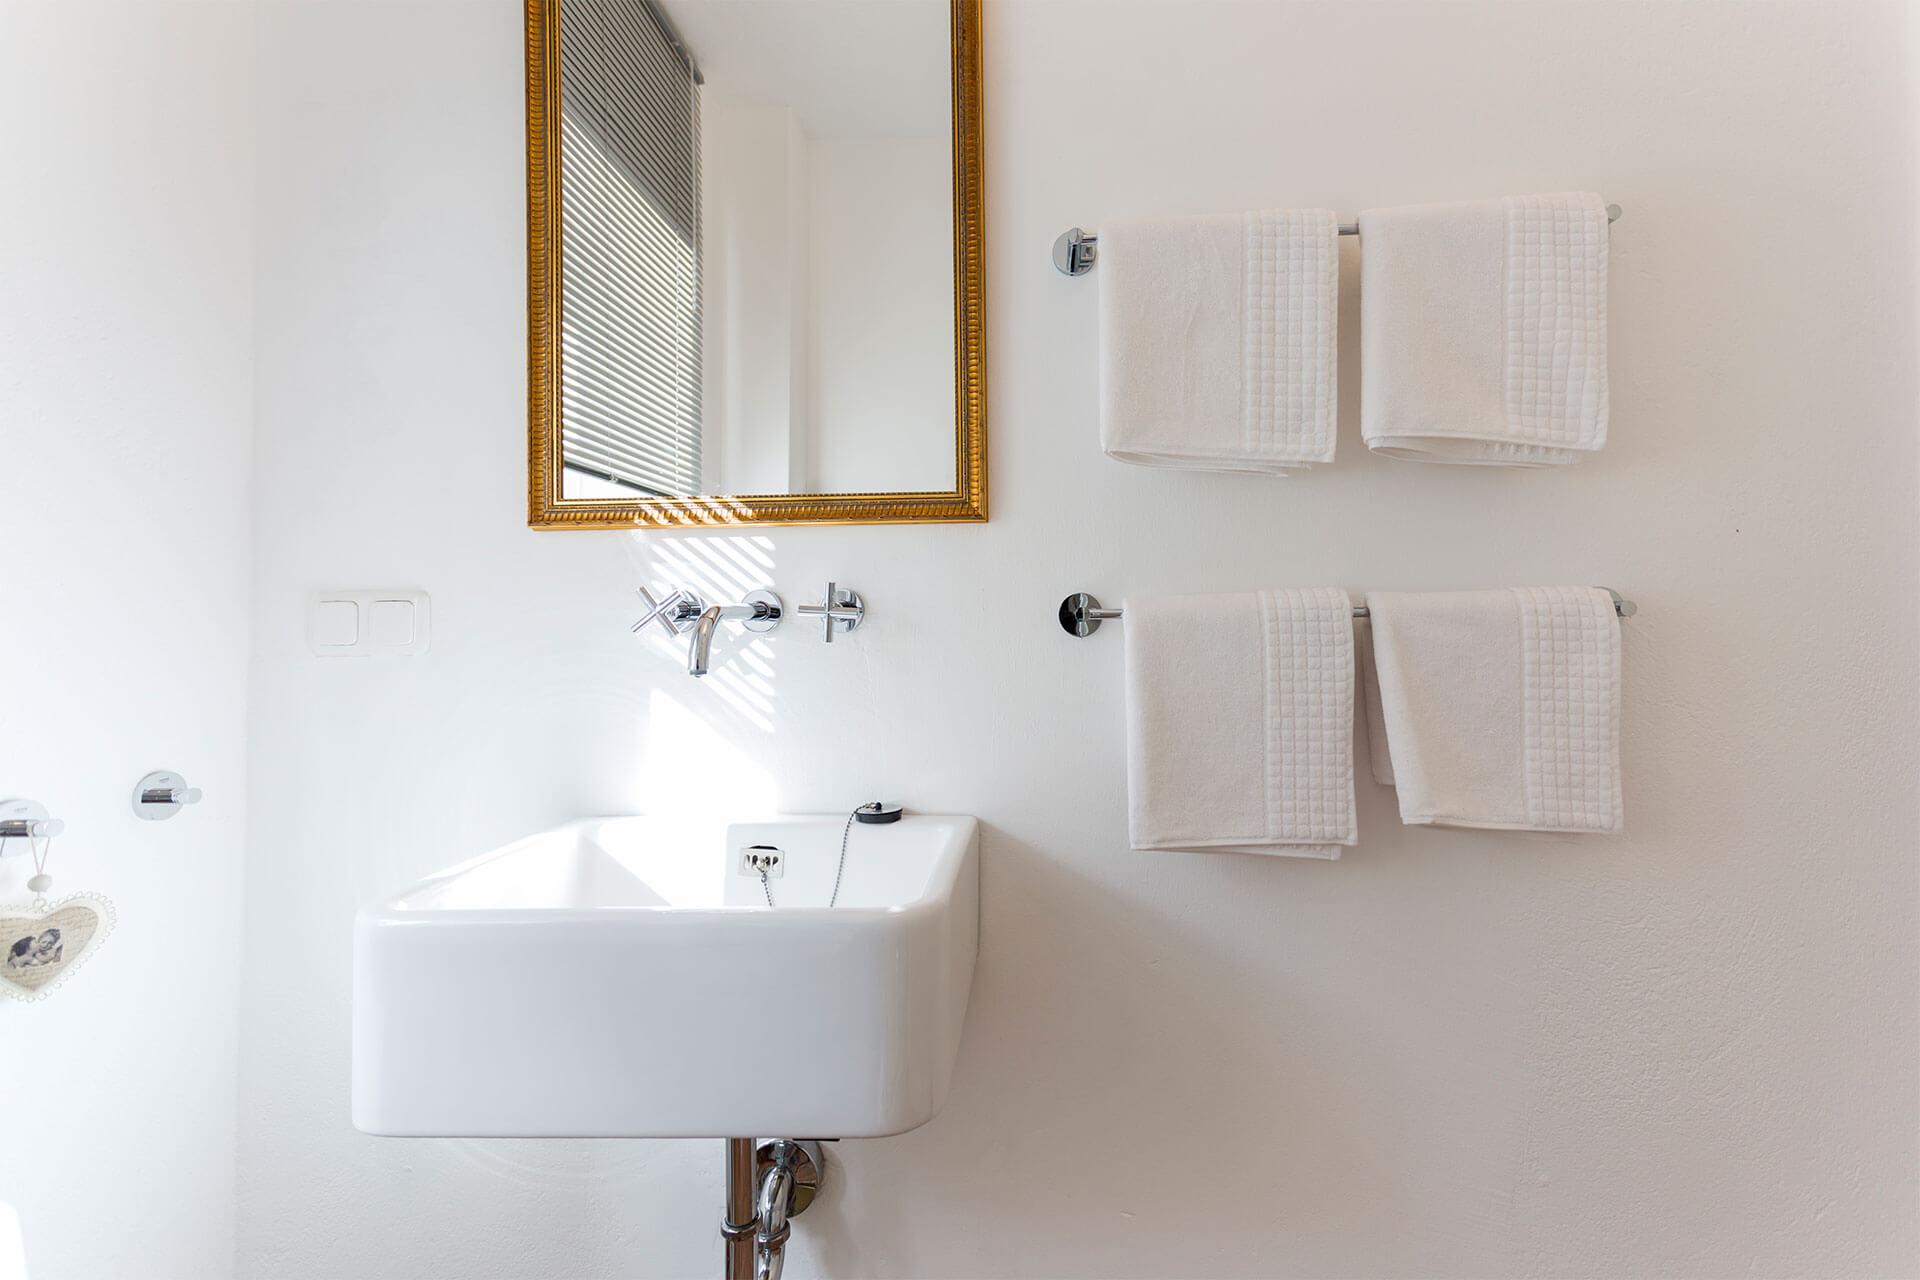 Armaturen am Waschbecken und frische aufgehängte Handtücher